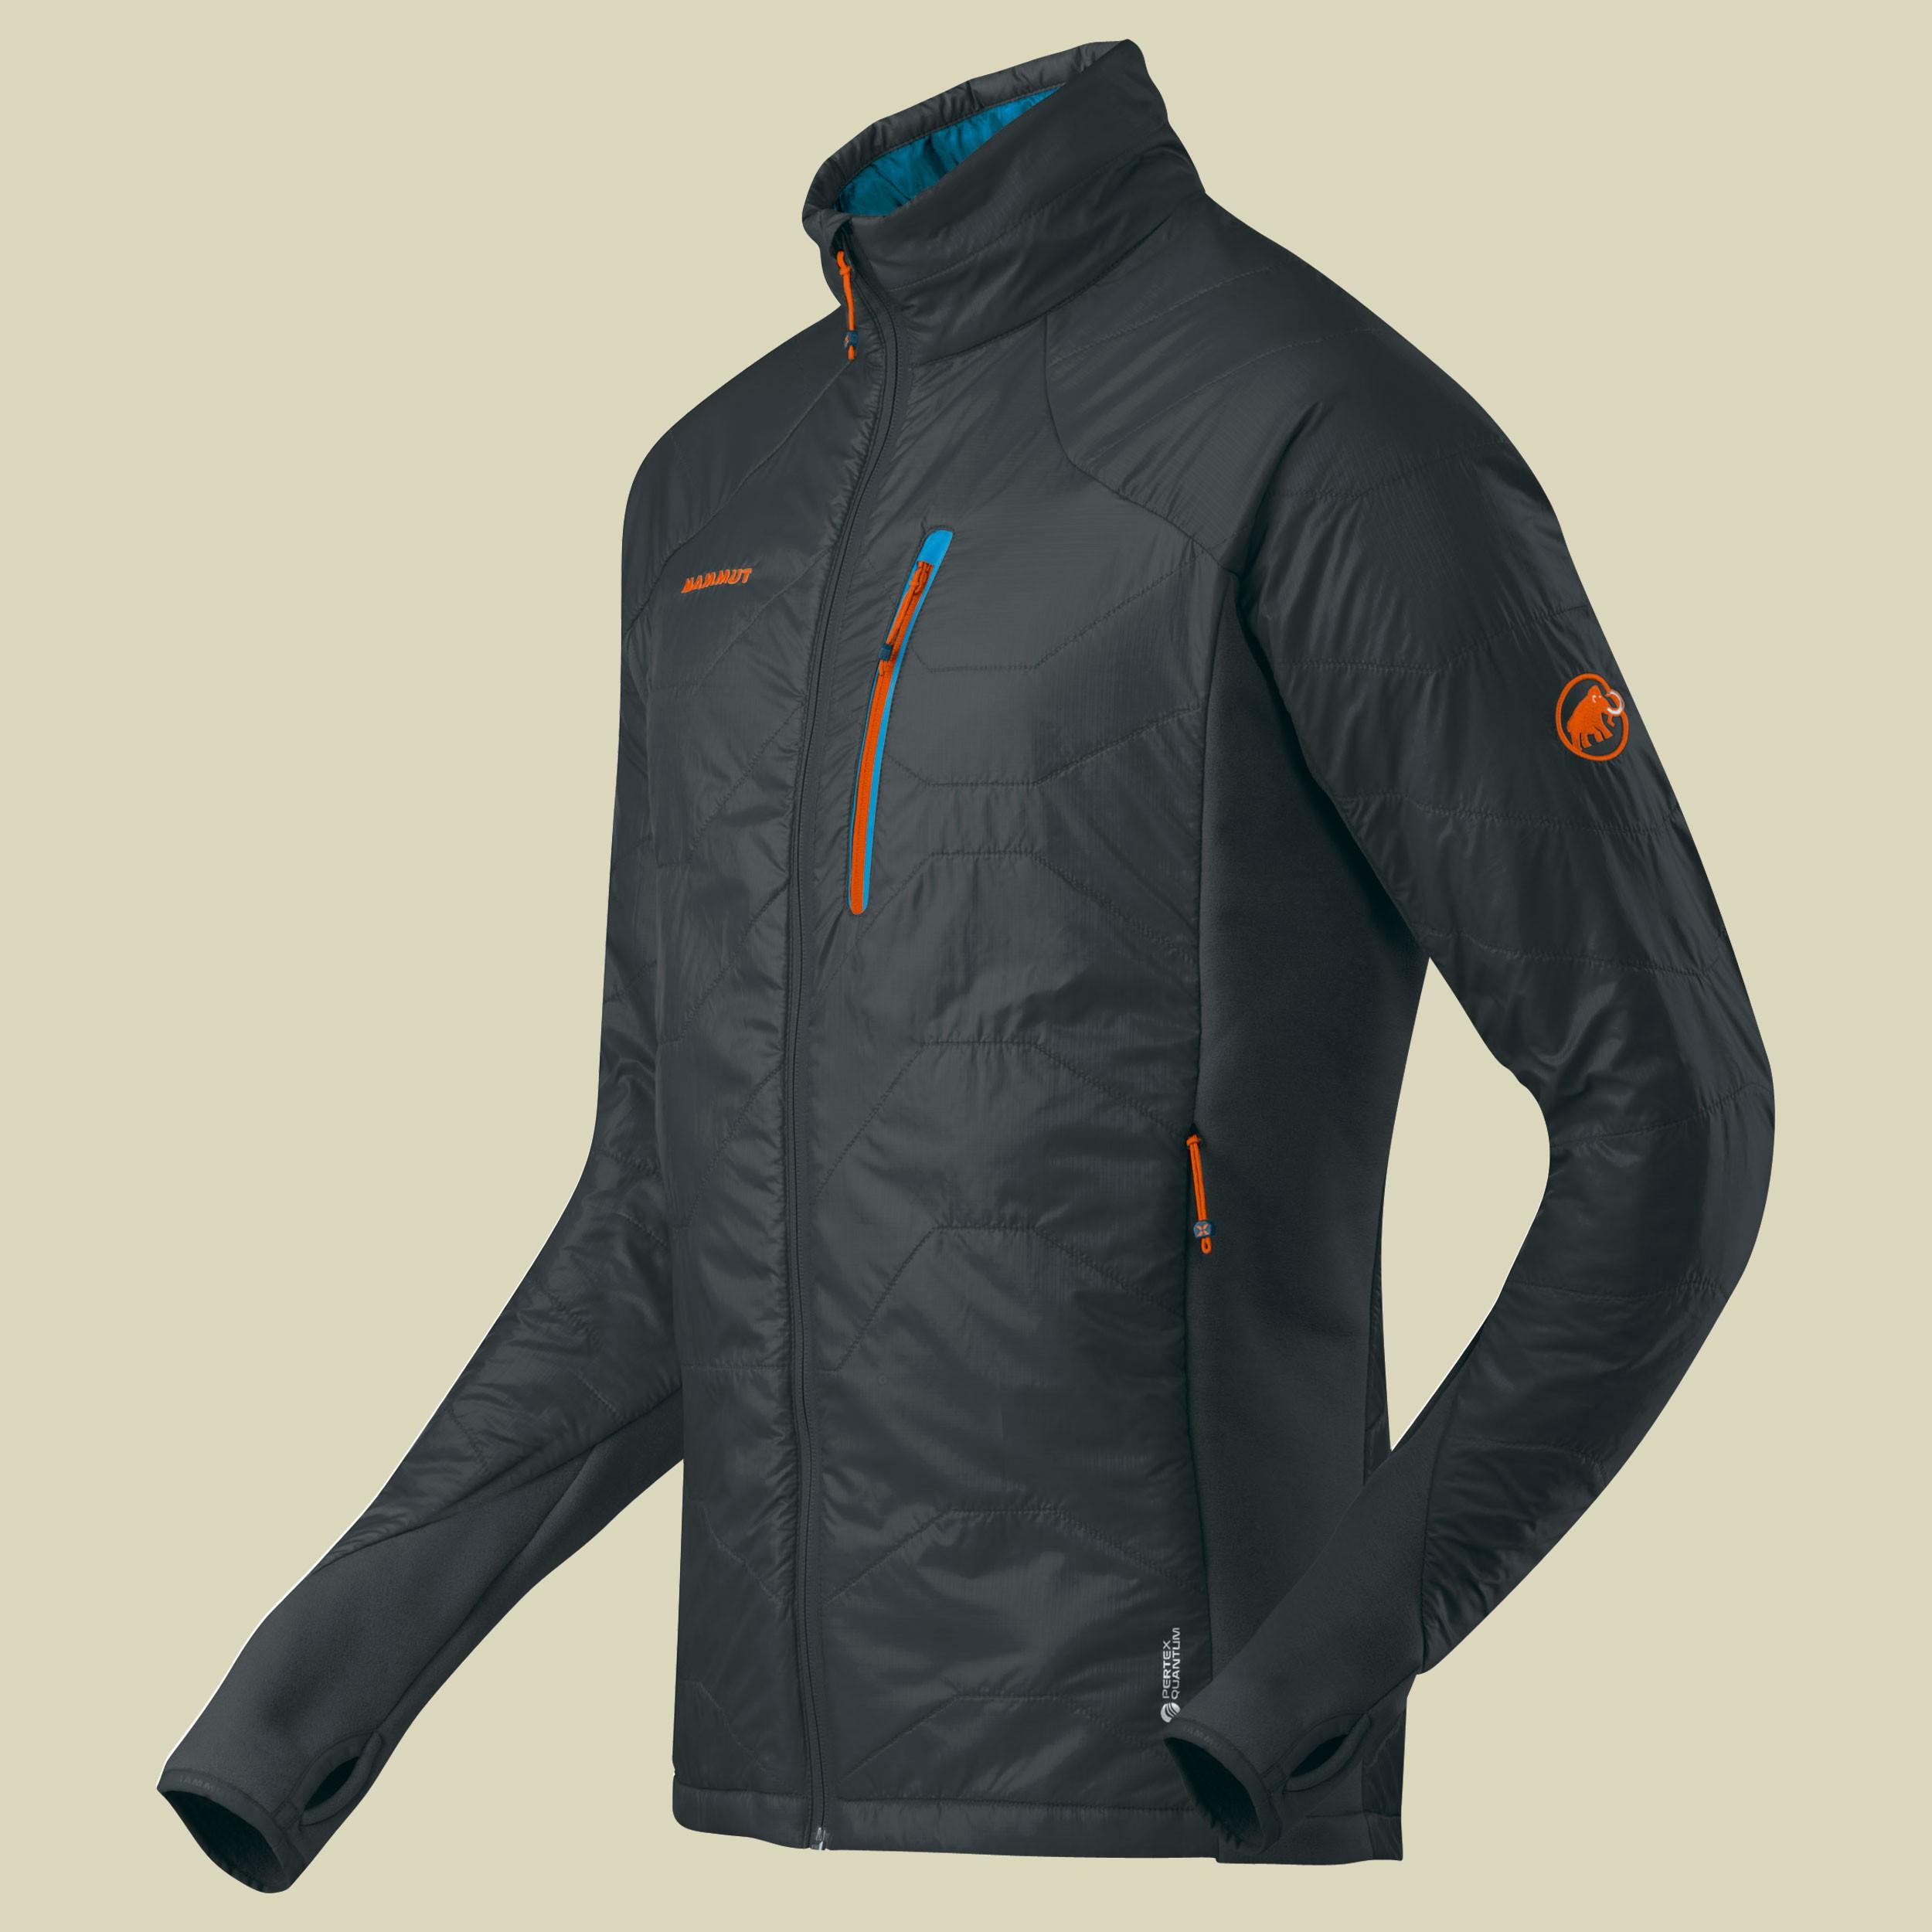 Eigerjoch Light Jacket Men